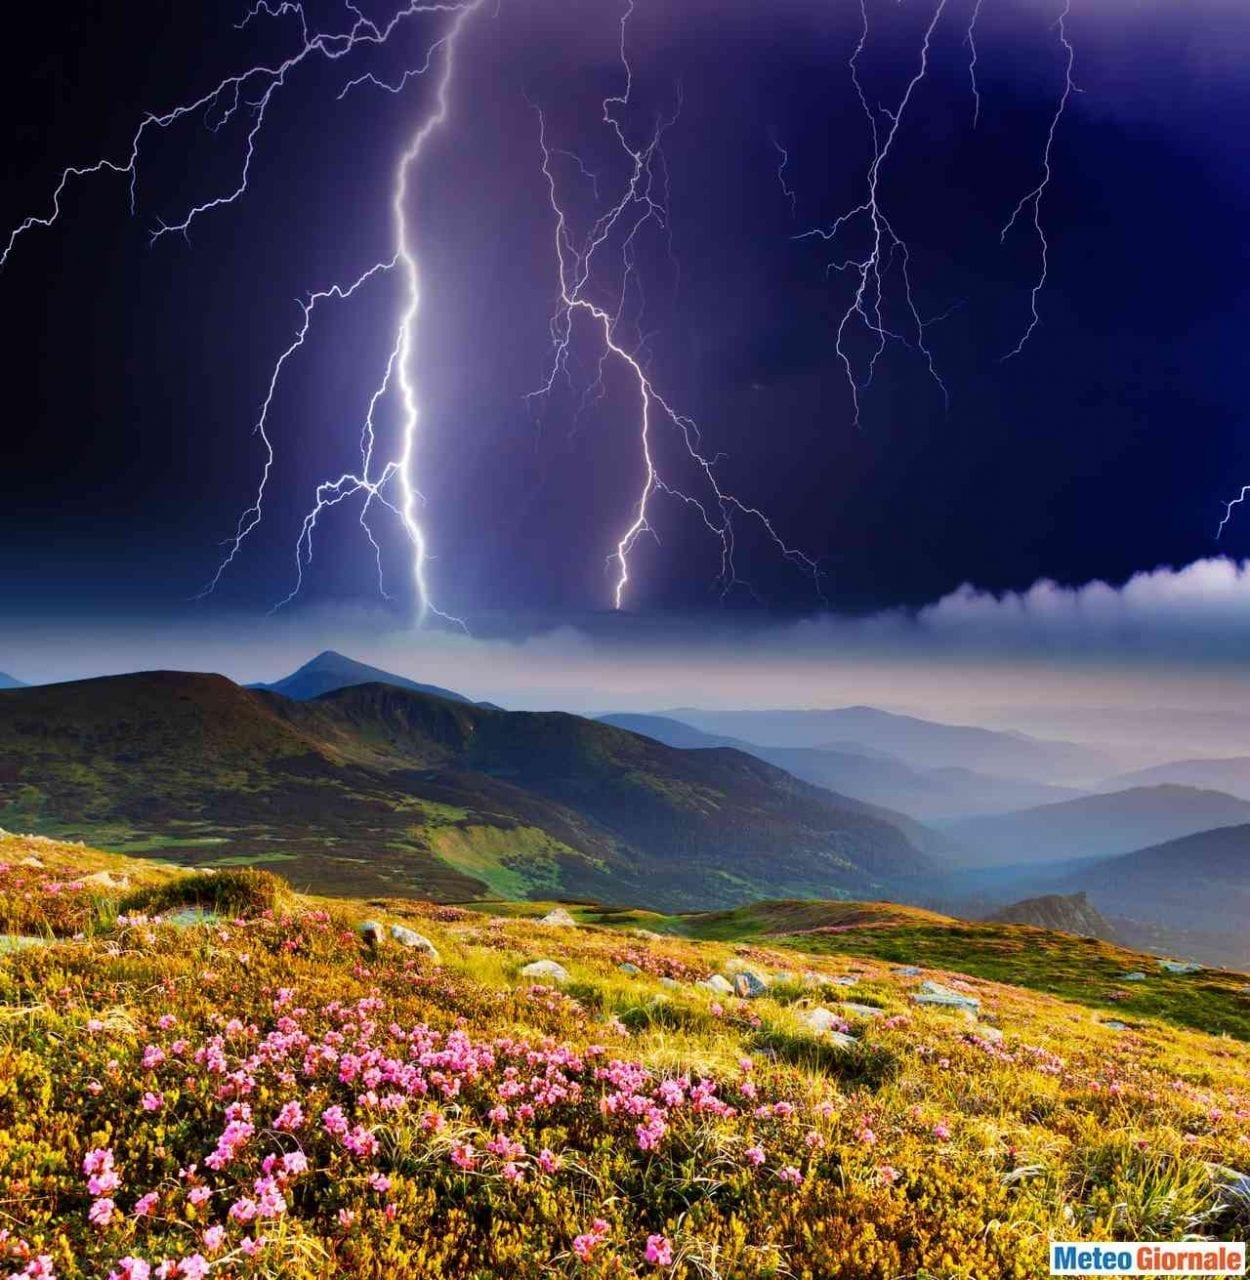 AdobeStock 42261045 scaled 1 - Le previsioni meteo per domani, 15 luglio. Irrompono TEMPORALI, ecco dove